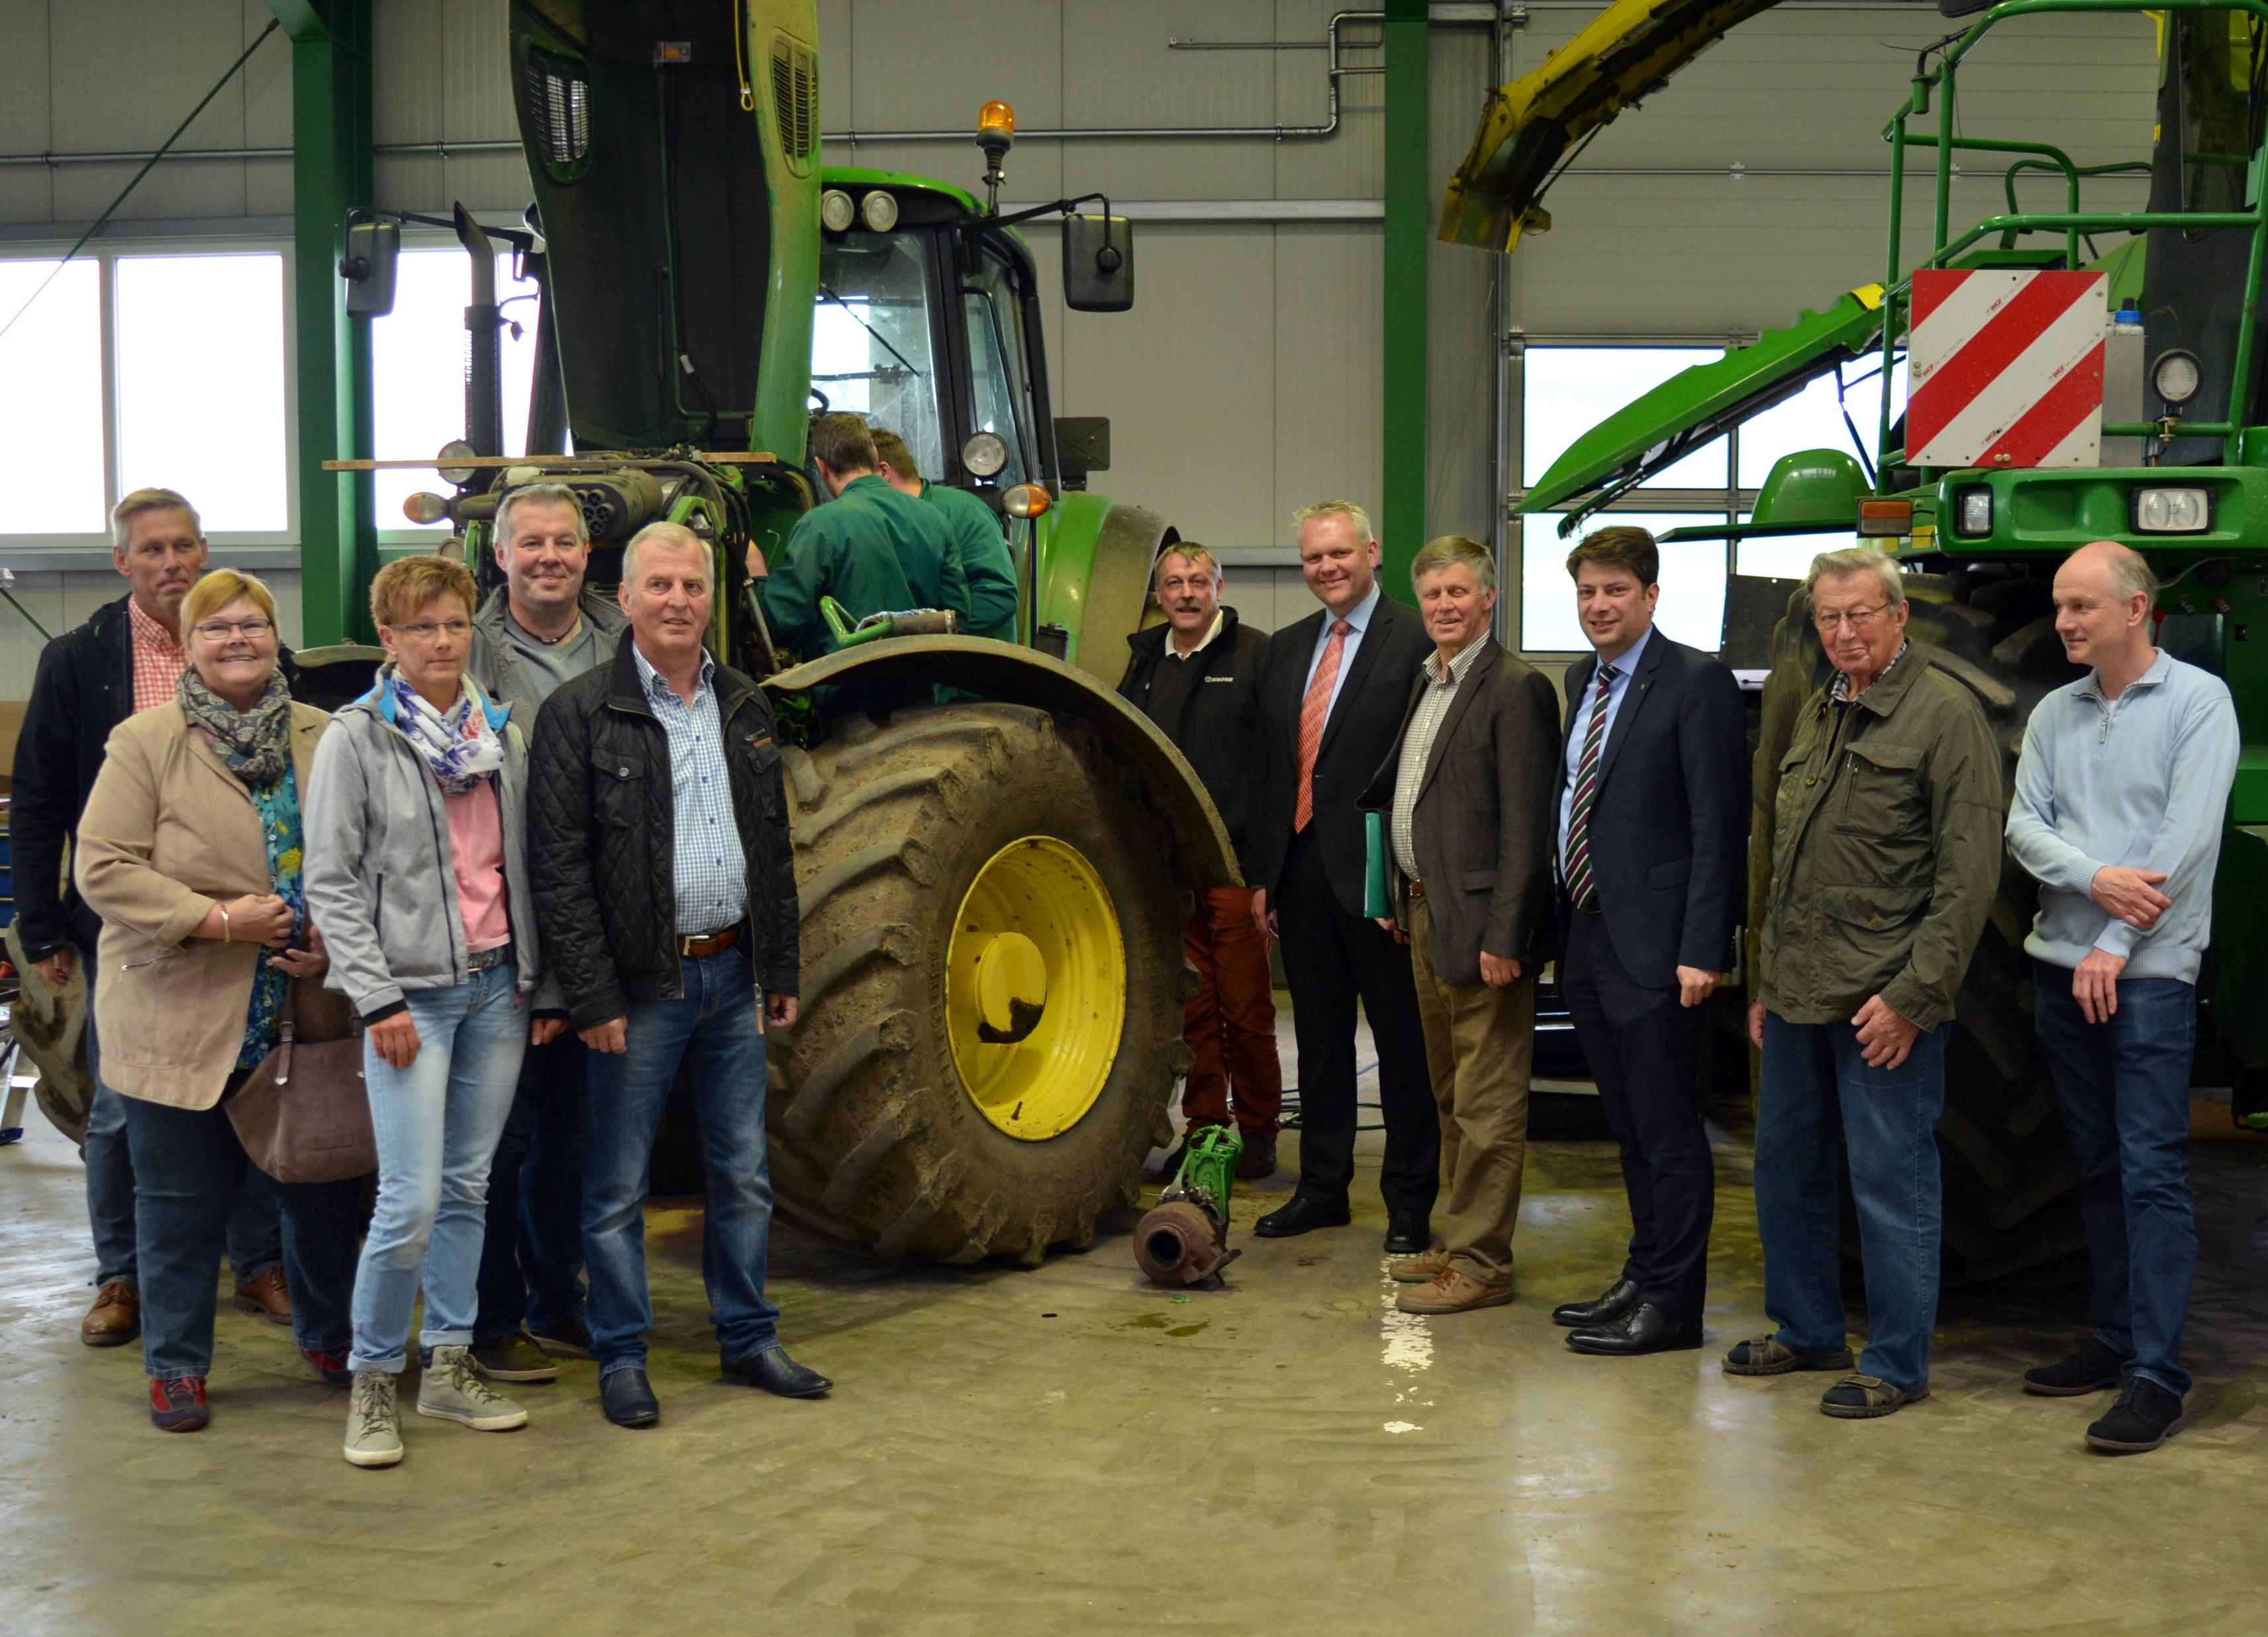 2016: Besuch der Werkstatt der Fa. Krone in Nortrup mit dem Fraktionsvorsitzenden Björn Thümler.